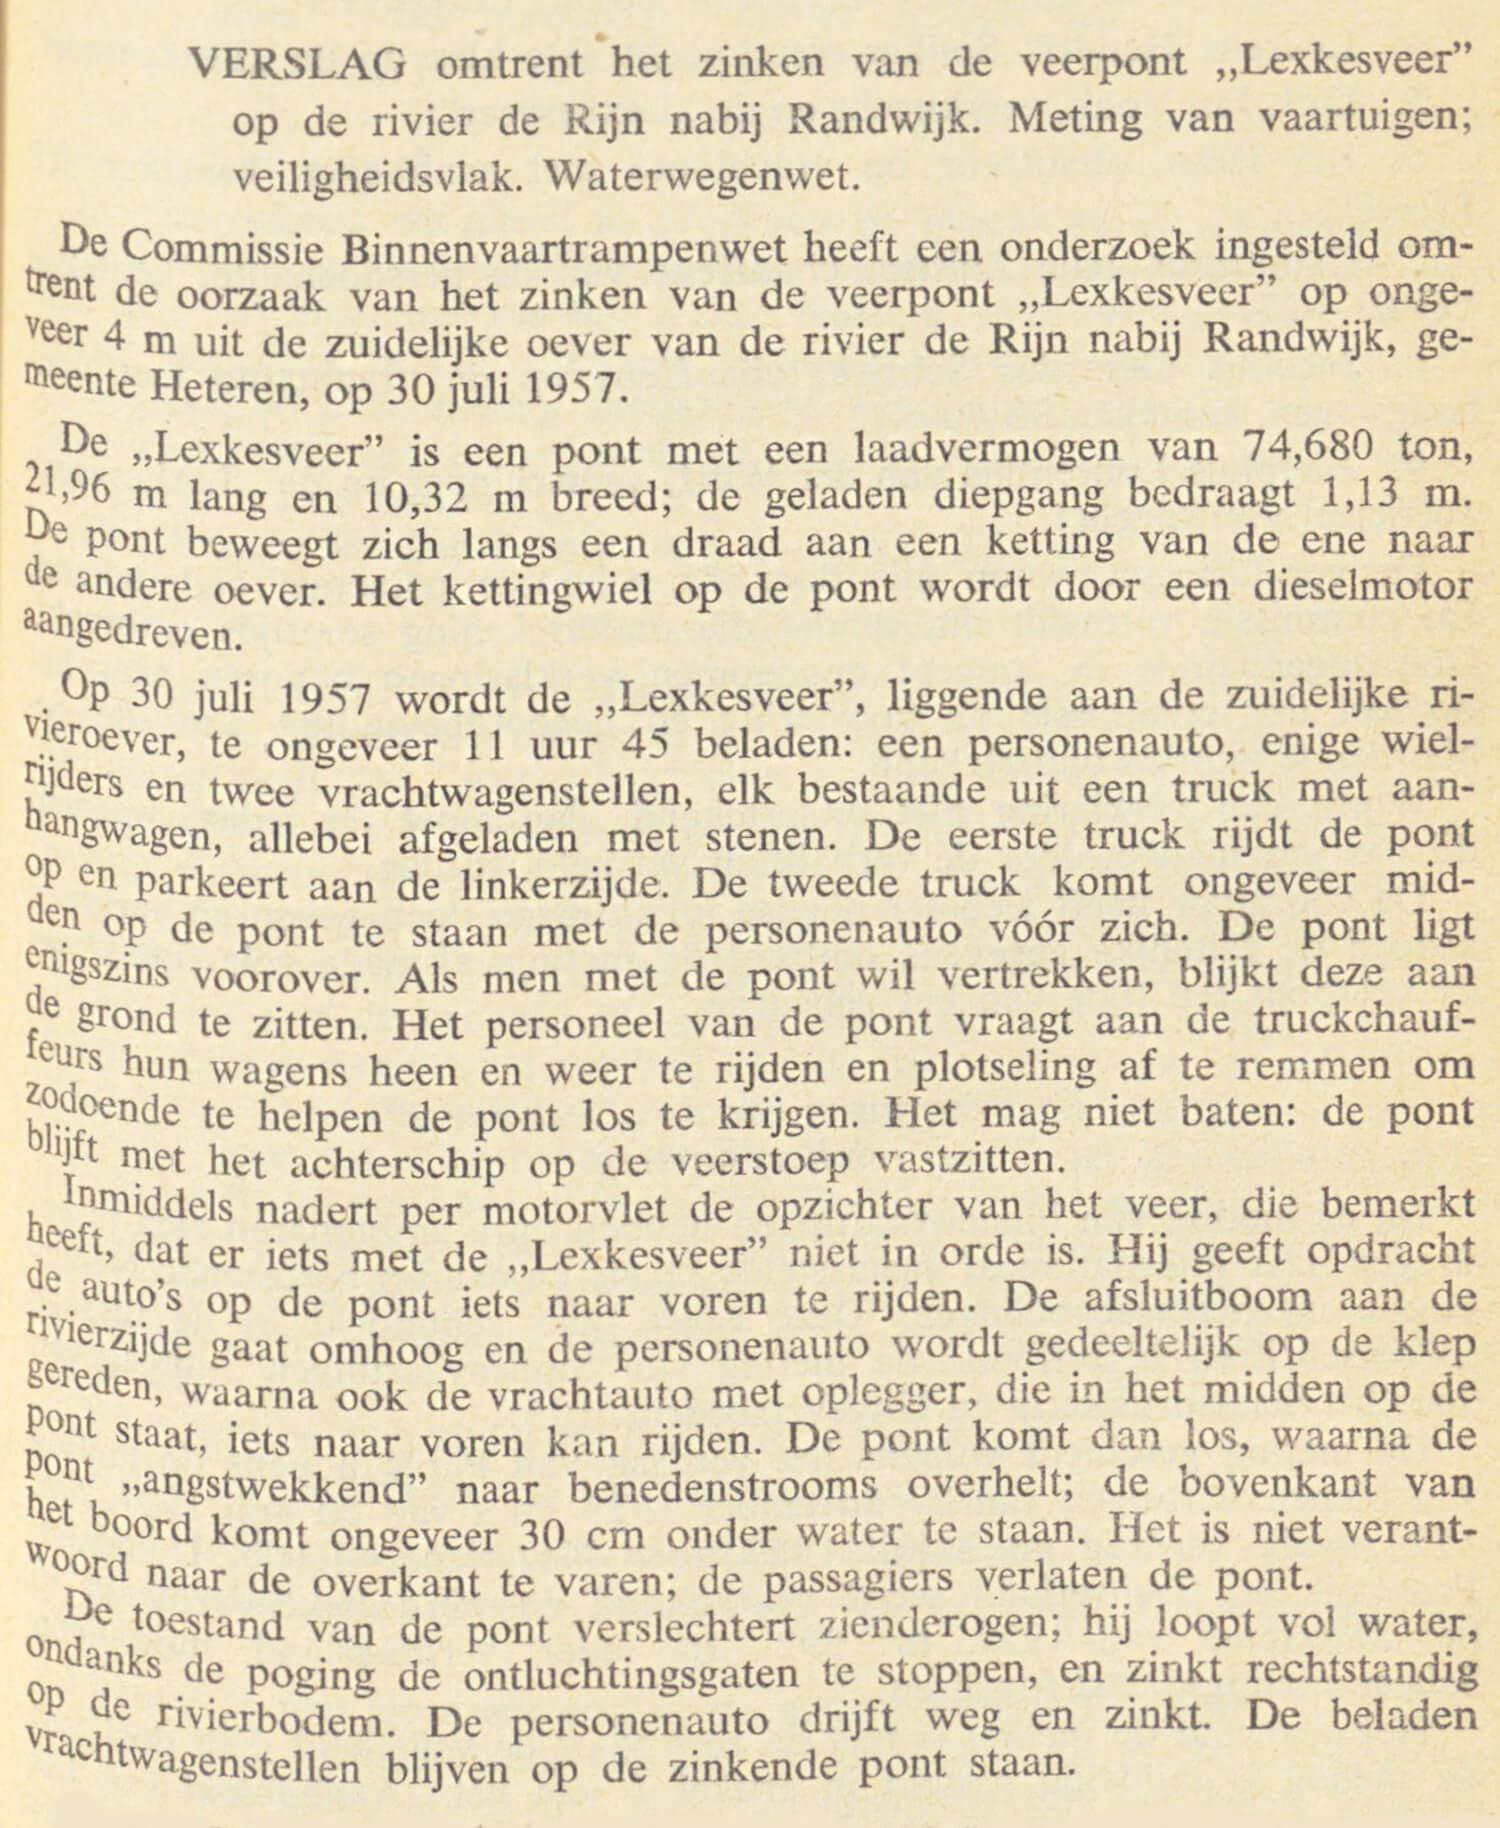 Uitspraak van den Raad voor de Scheepvaart, bijvoegsel van de Ned Staatscourant van 10 september 1959, nr 175